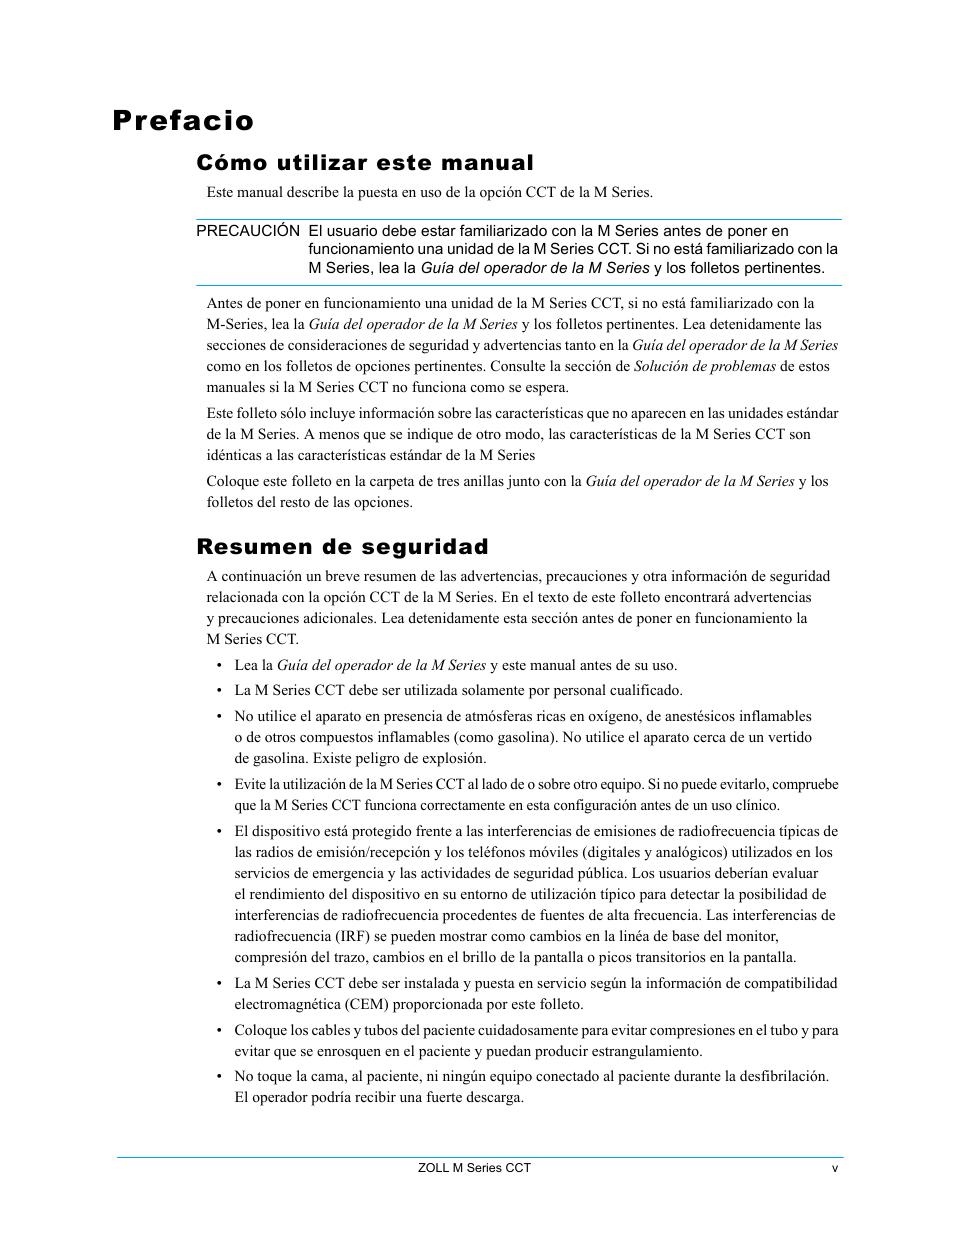 Prefacio, Cómo utilizar este manual, Resumen de seguridad | ZOLL M ...